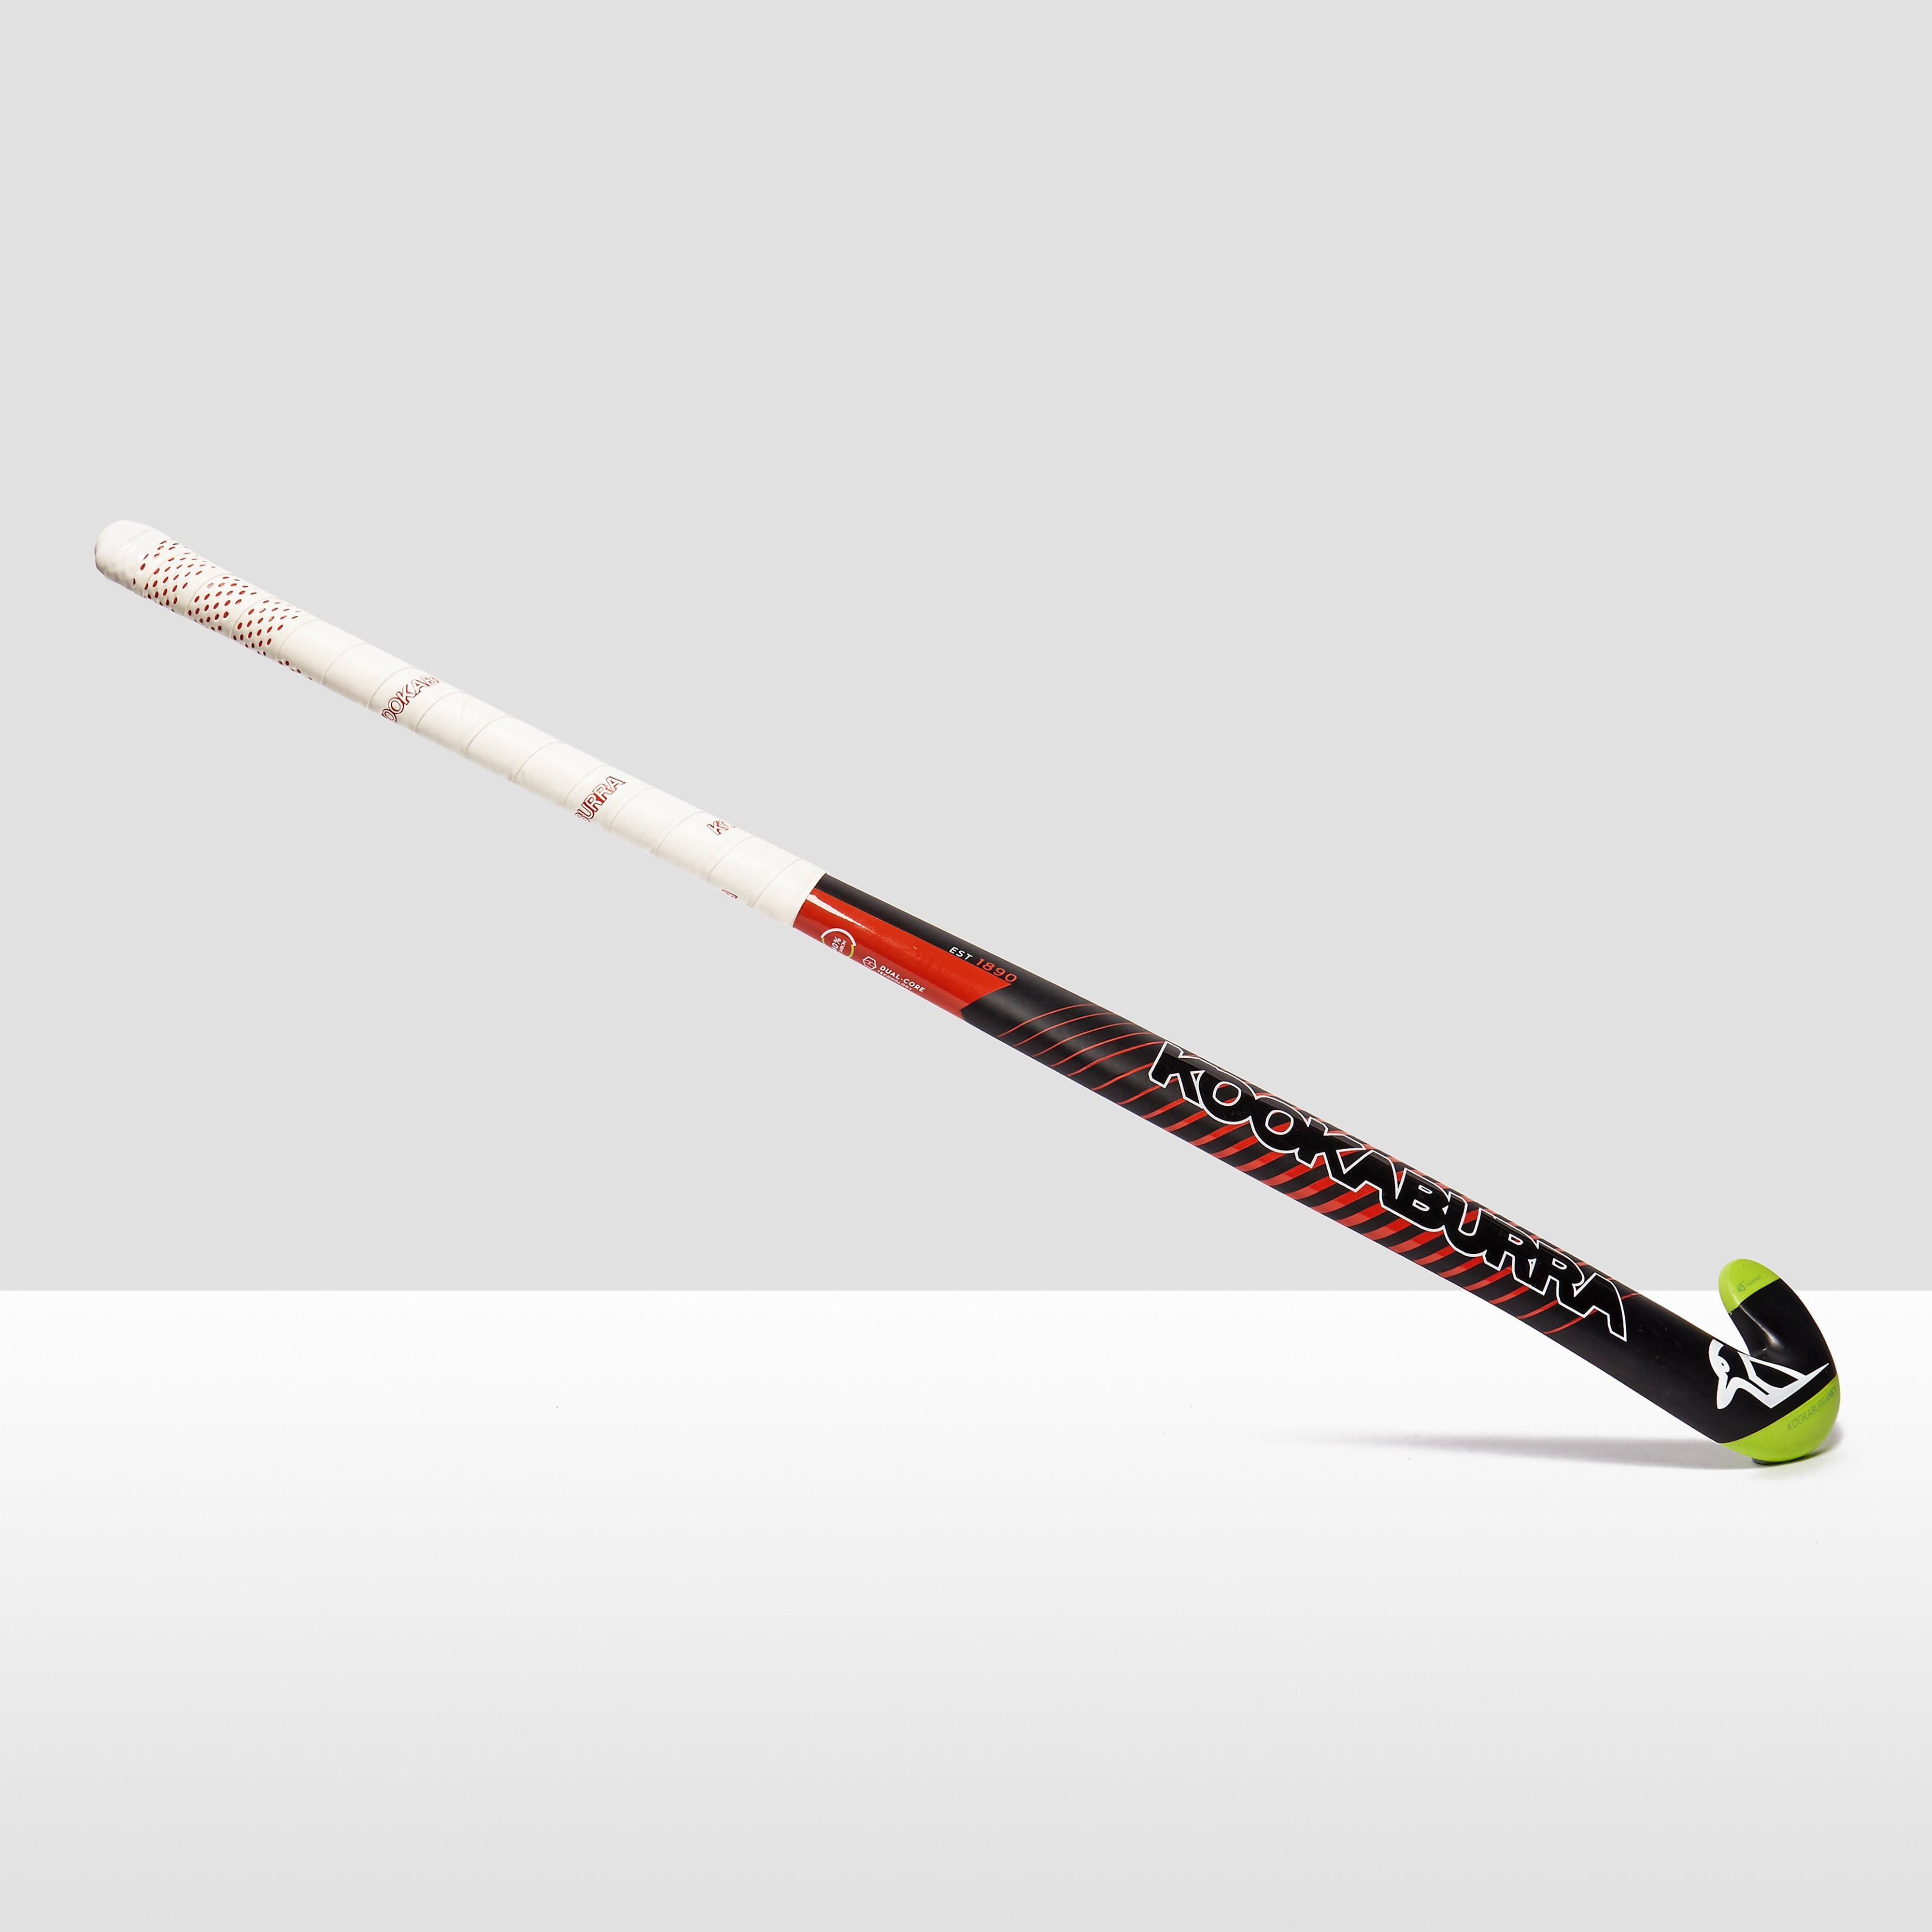 Kookaburra Ambush Hockey Stick